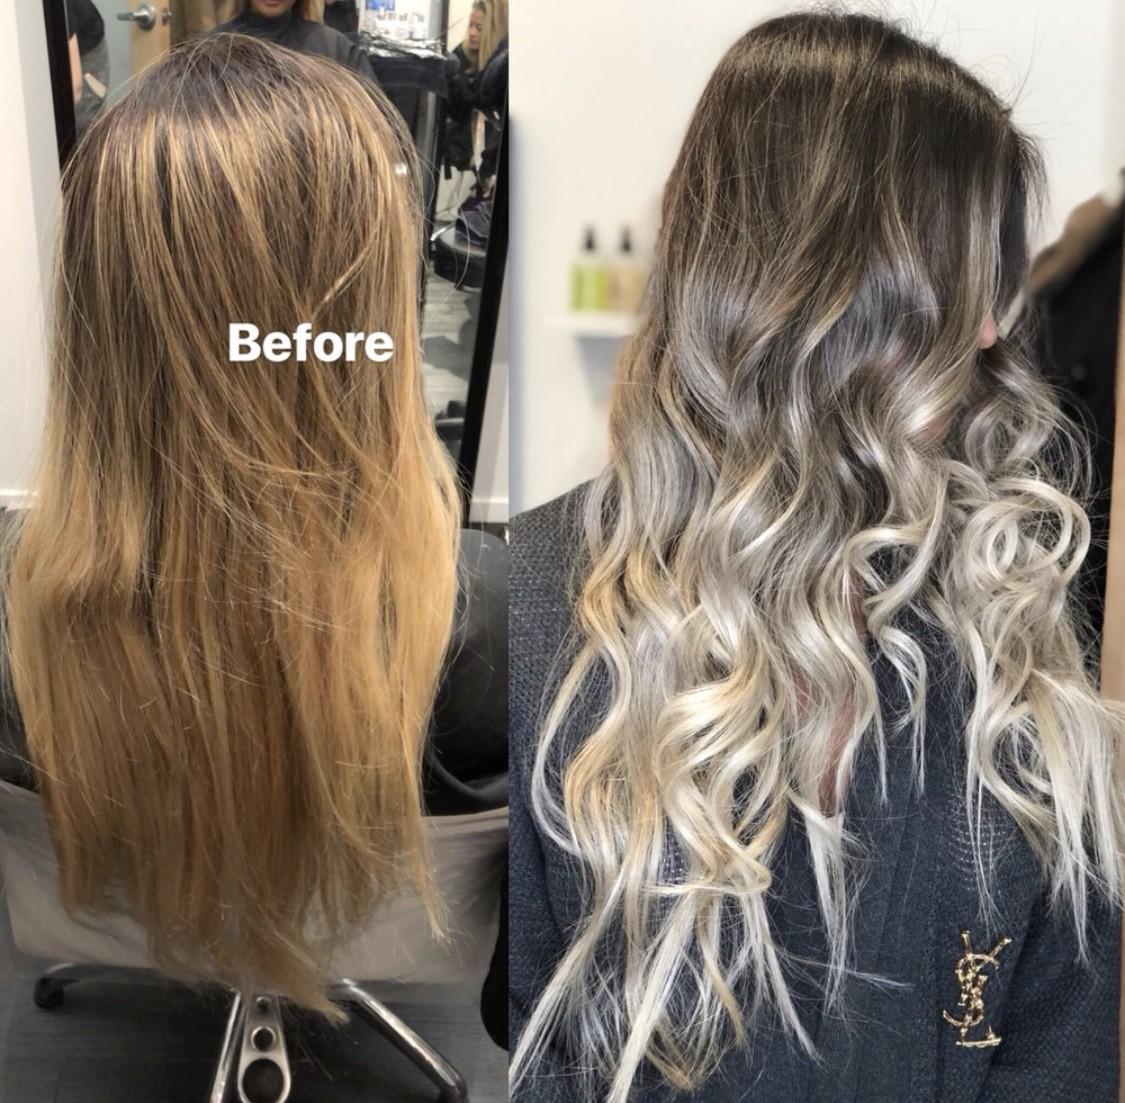 'Tôi đã chi rất nhiều tiền để nhuộm tóc và đây là 7 tip giữ màu tóc nhuộm bền đẹp' - chia sẻ của một hair stylist sẽ khai sáng cho các nàng tóc nhuộm - Ảnh 4